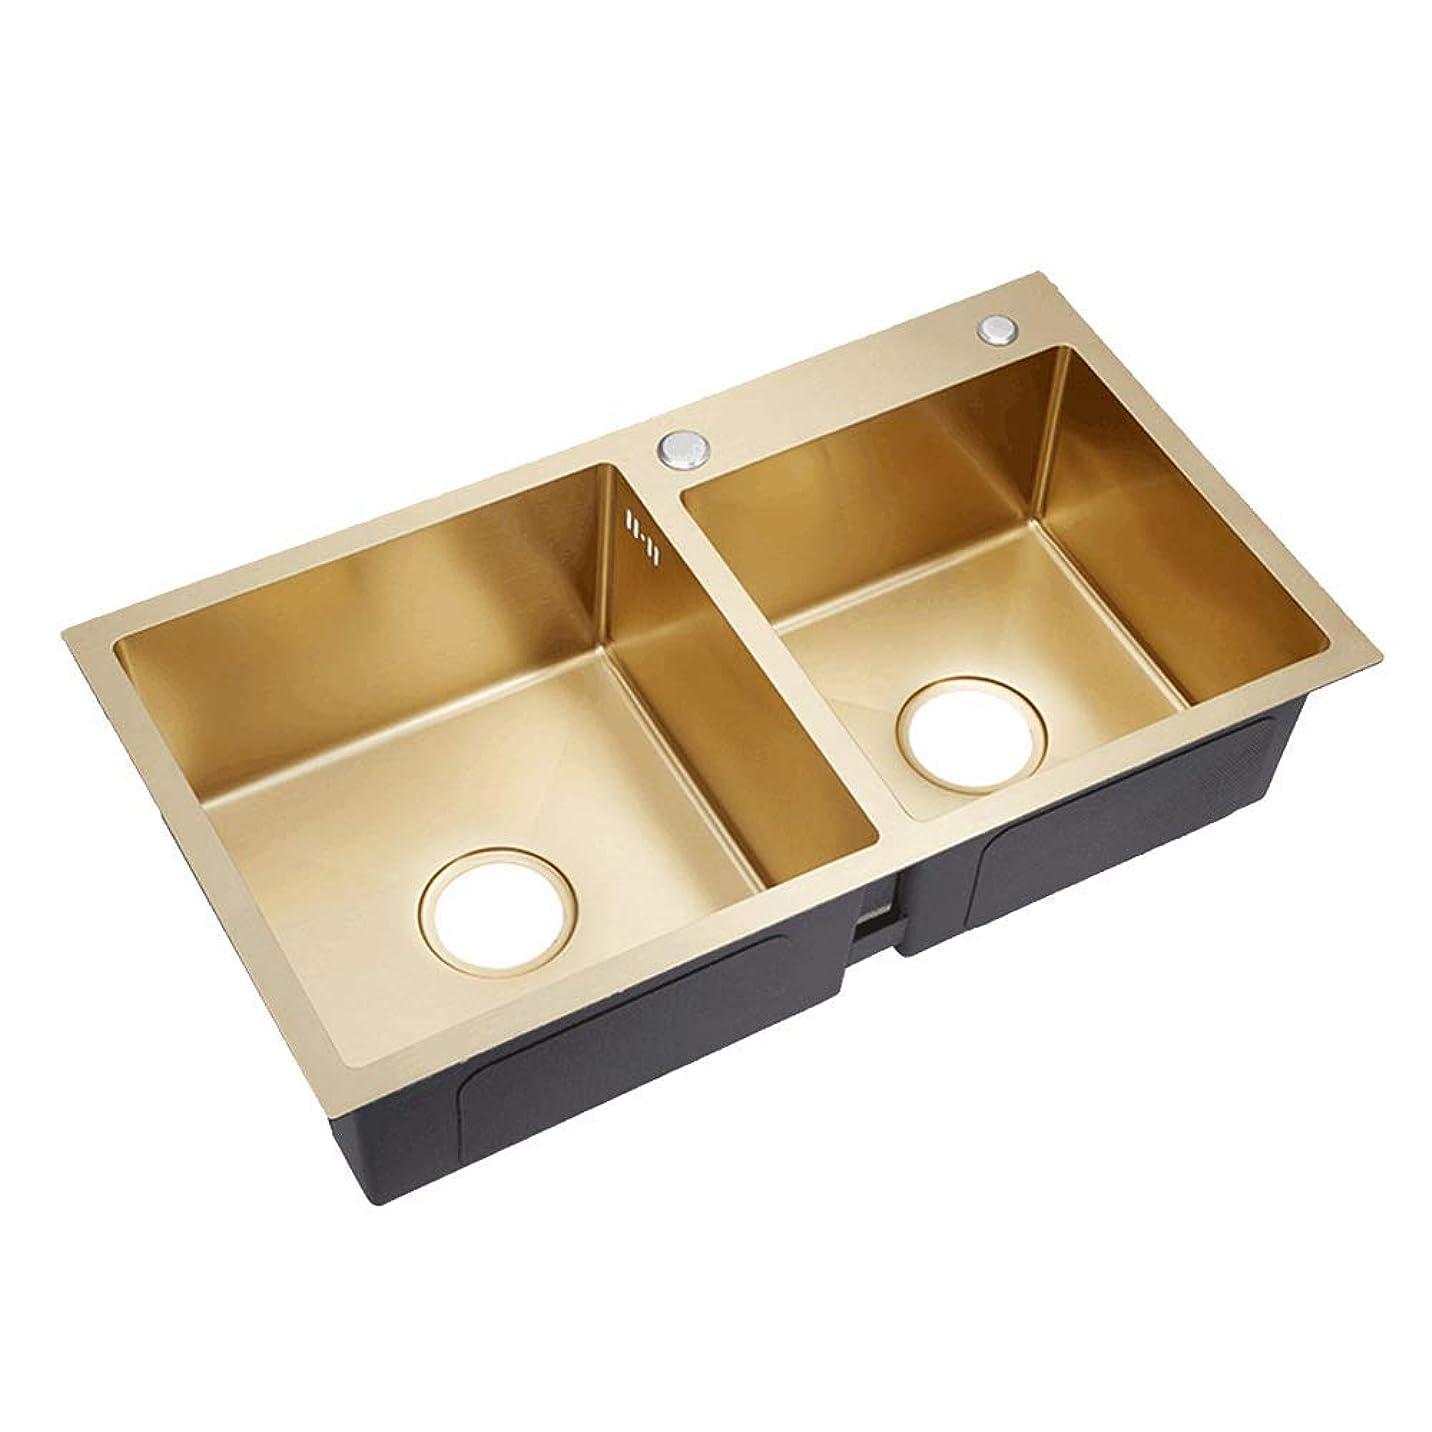 カエルゴールド取り替えるAQJD つや消しゴールド ダブルボウル ステンレススチール キッチンシンクドロップ キッチン金具